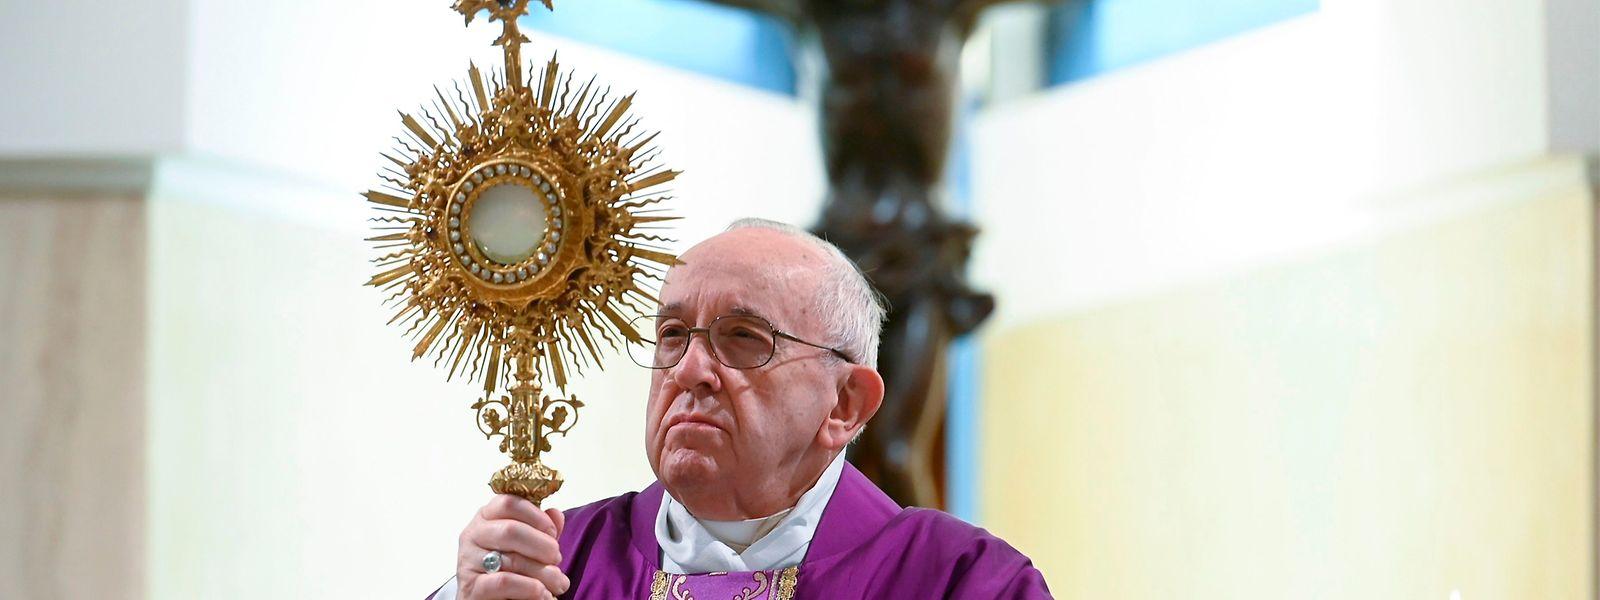 Papst Franziskus wurde auf das Corona-Virus getestet. Ergebnis: negativ.